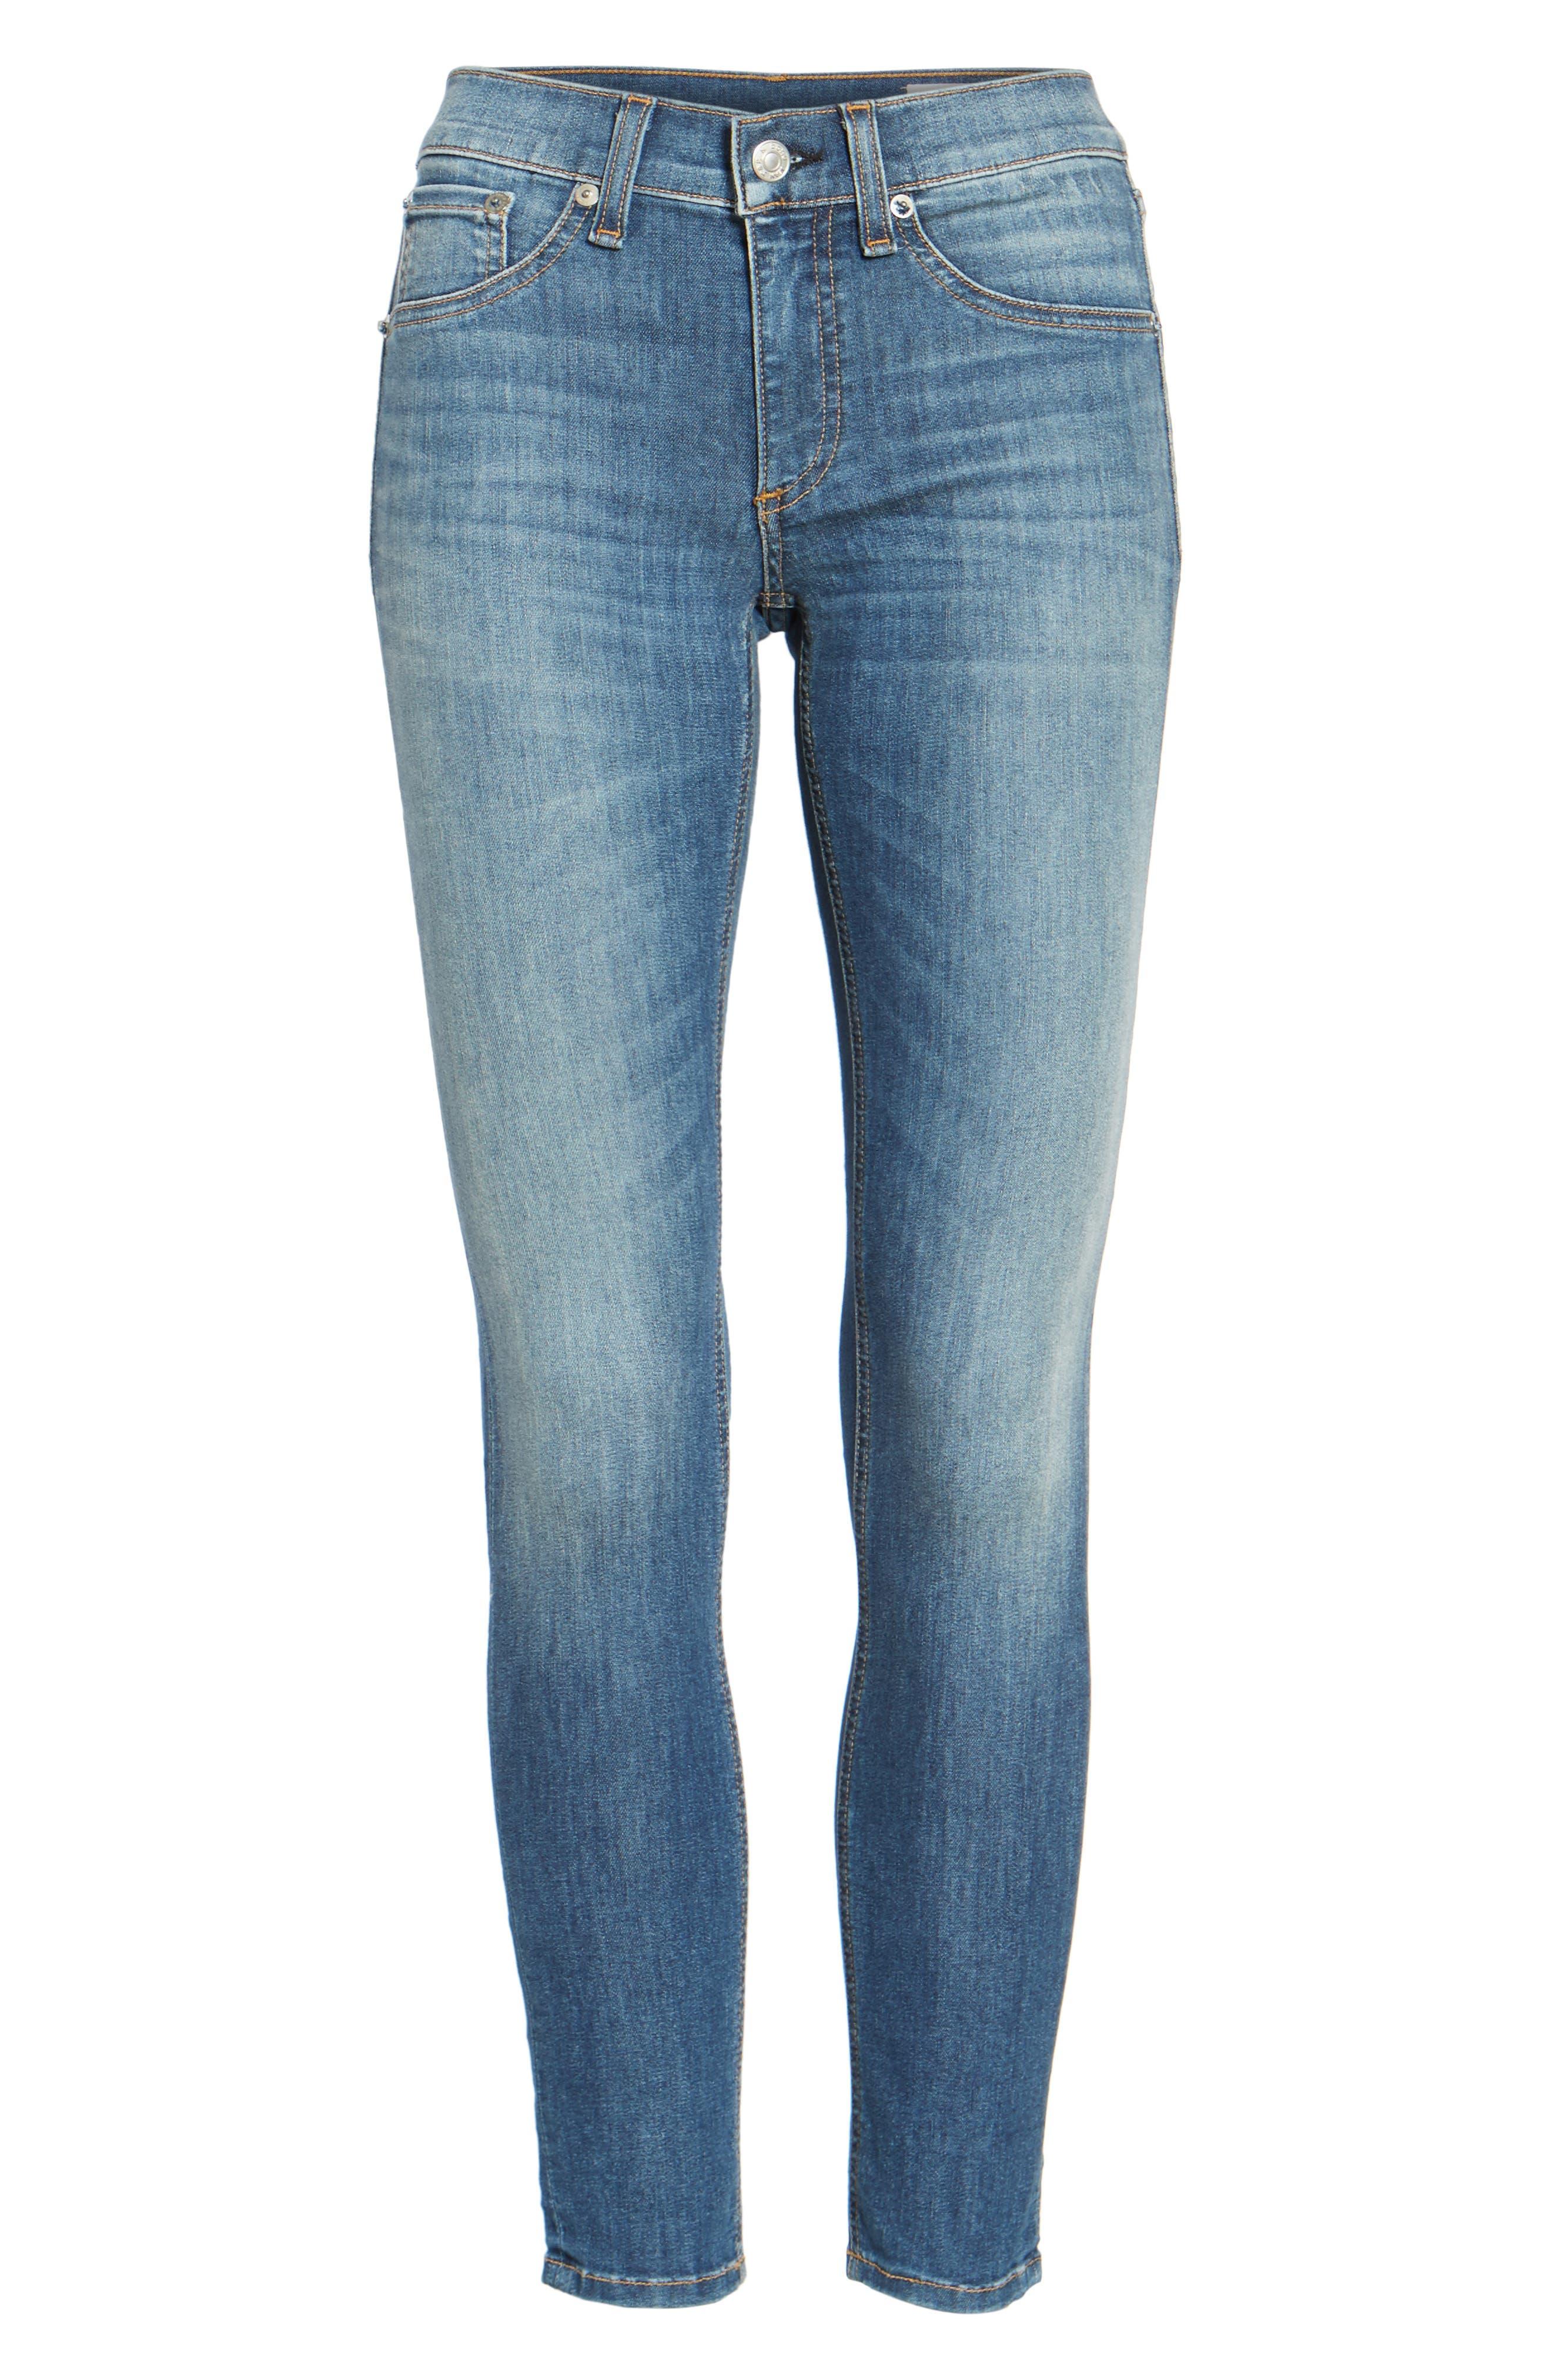 Capri Crop Skinny Jeans,                             Alternate thumbnail 2, color,                             RAE